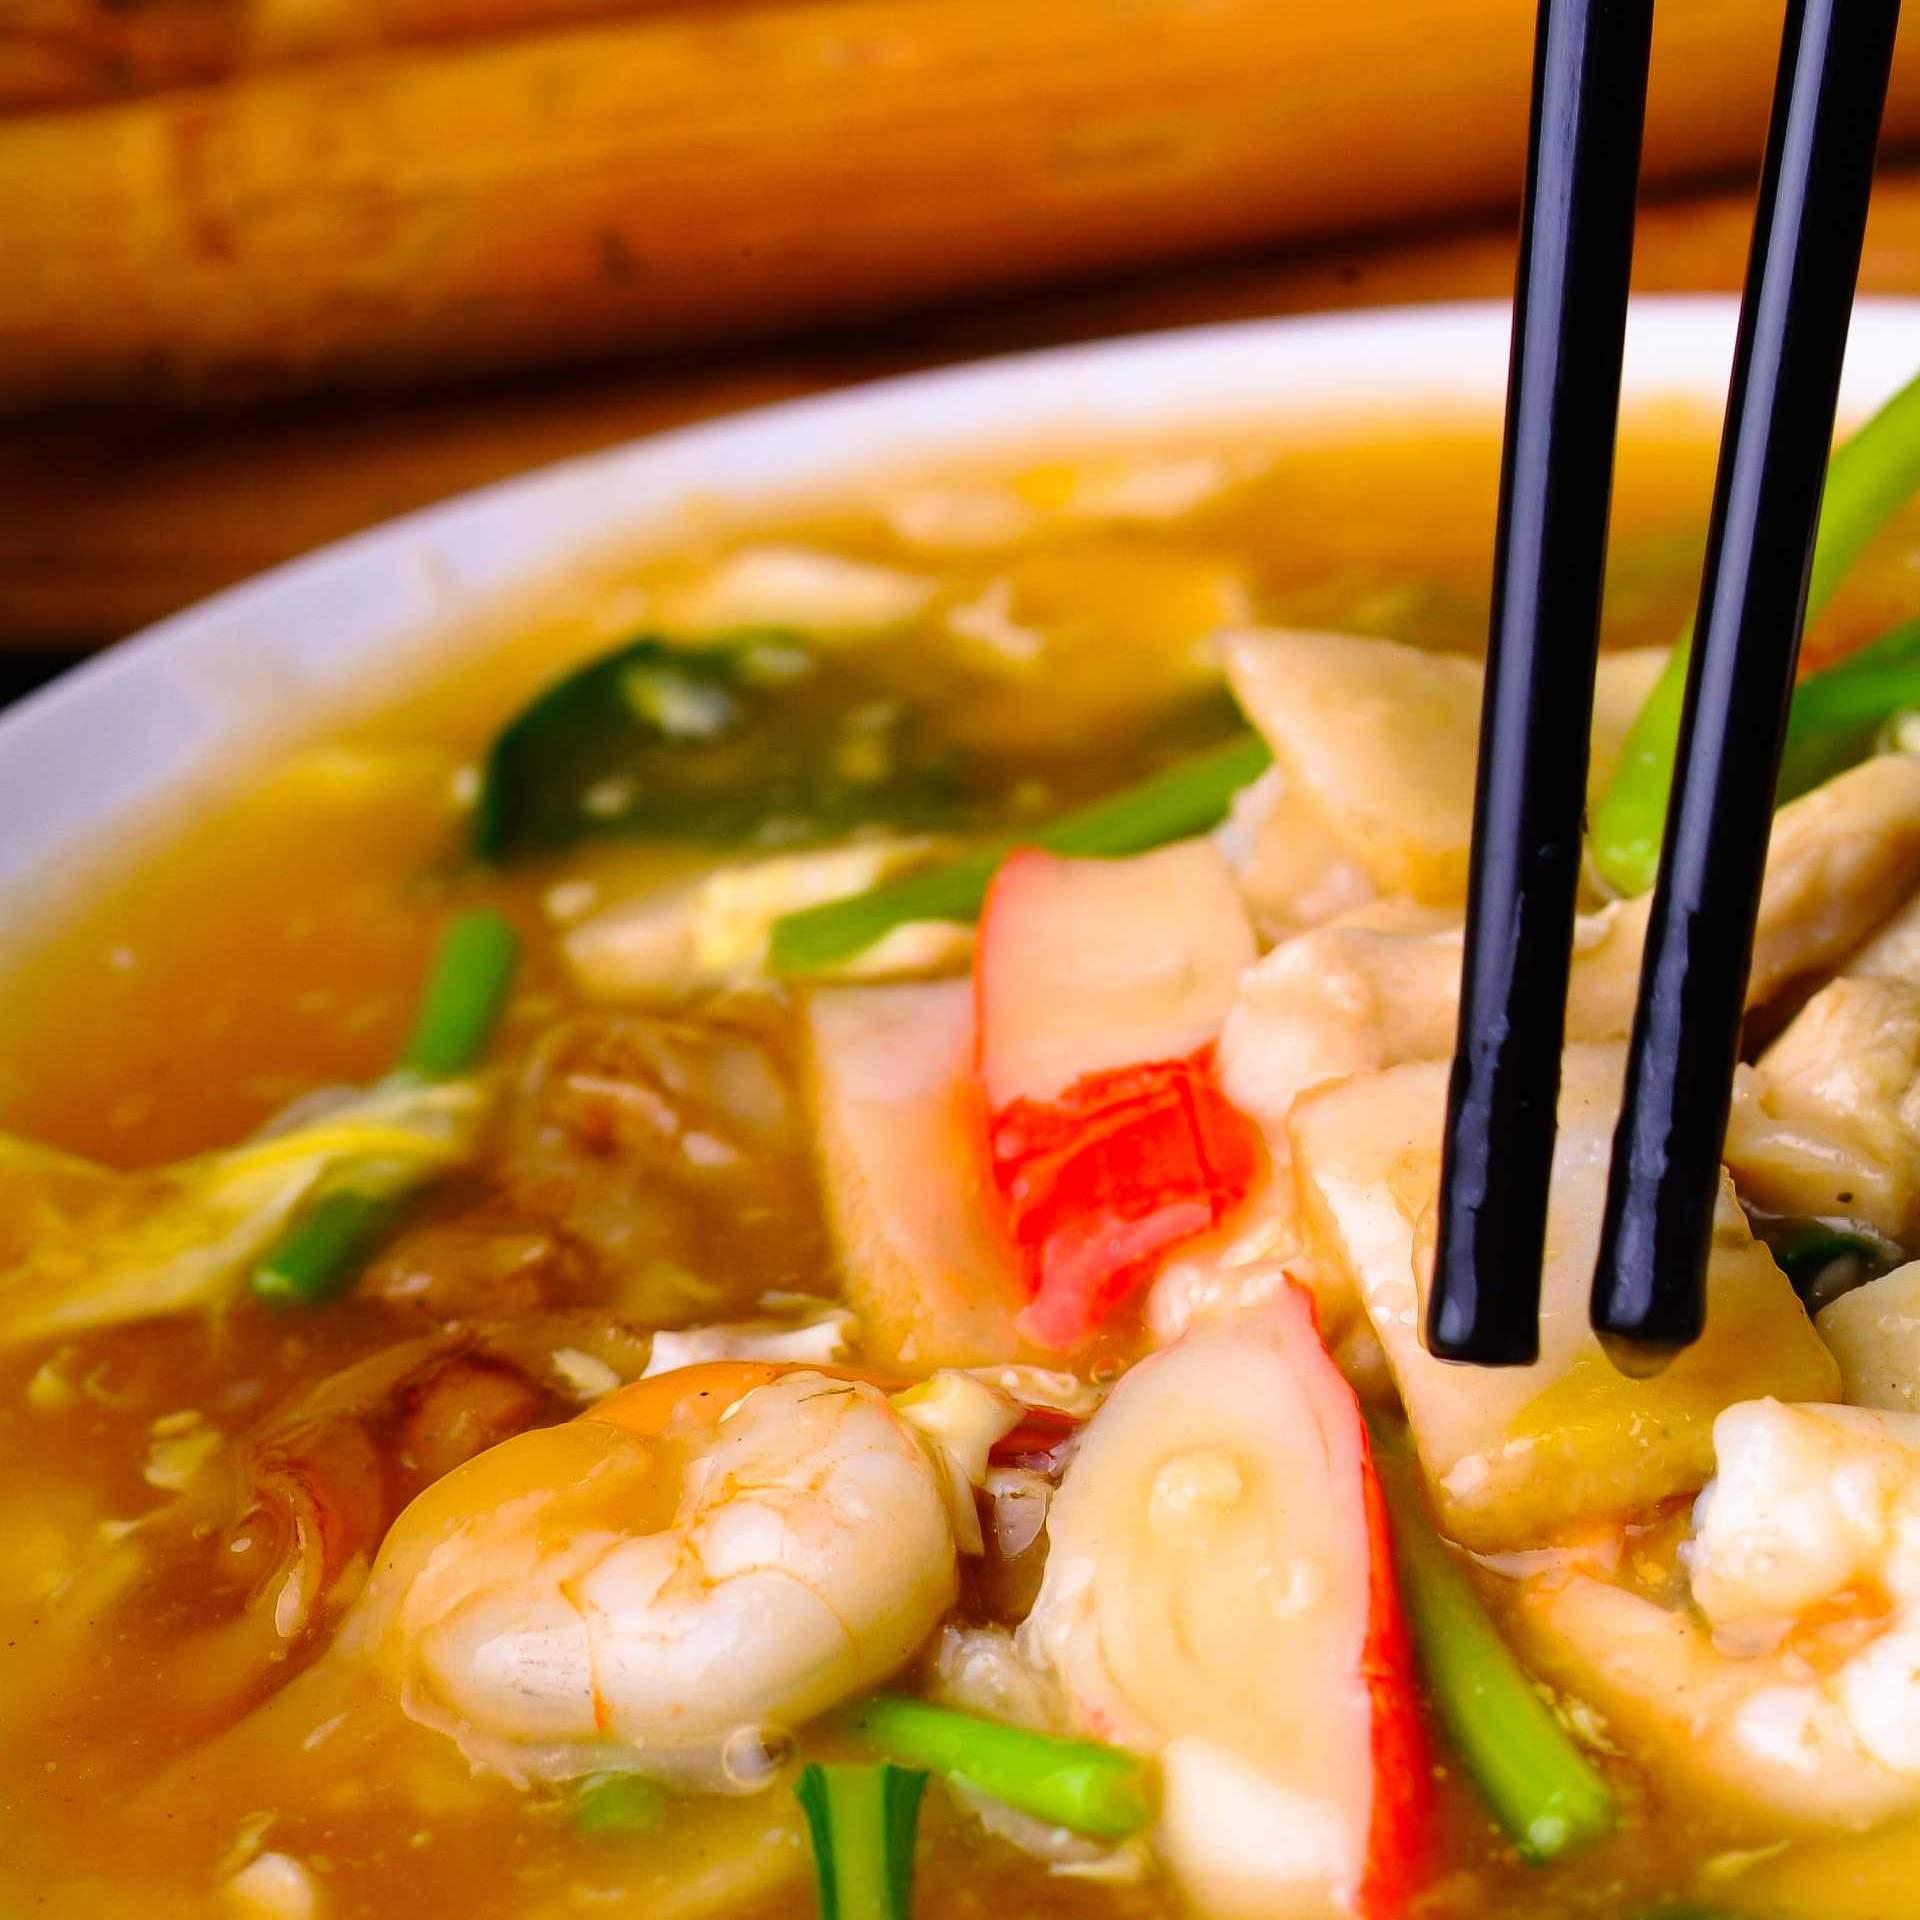 Asiatische Küche – ein kulinarischer Streifzug